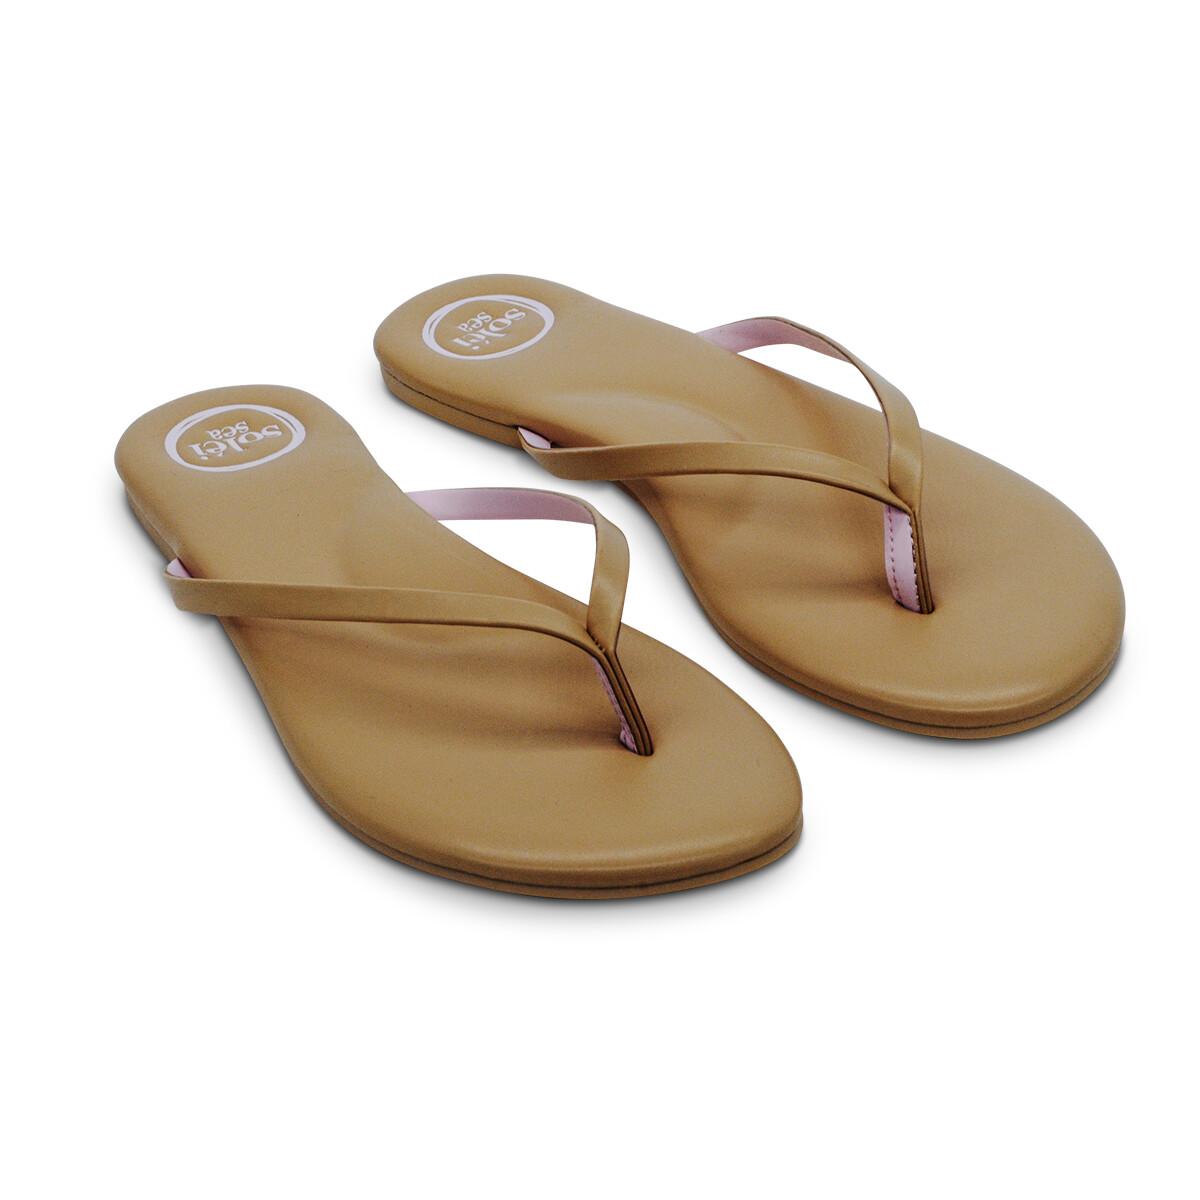 Solei Sea, Flip Flops, Nude/Pink